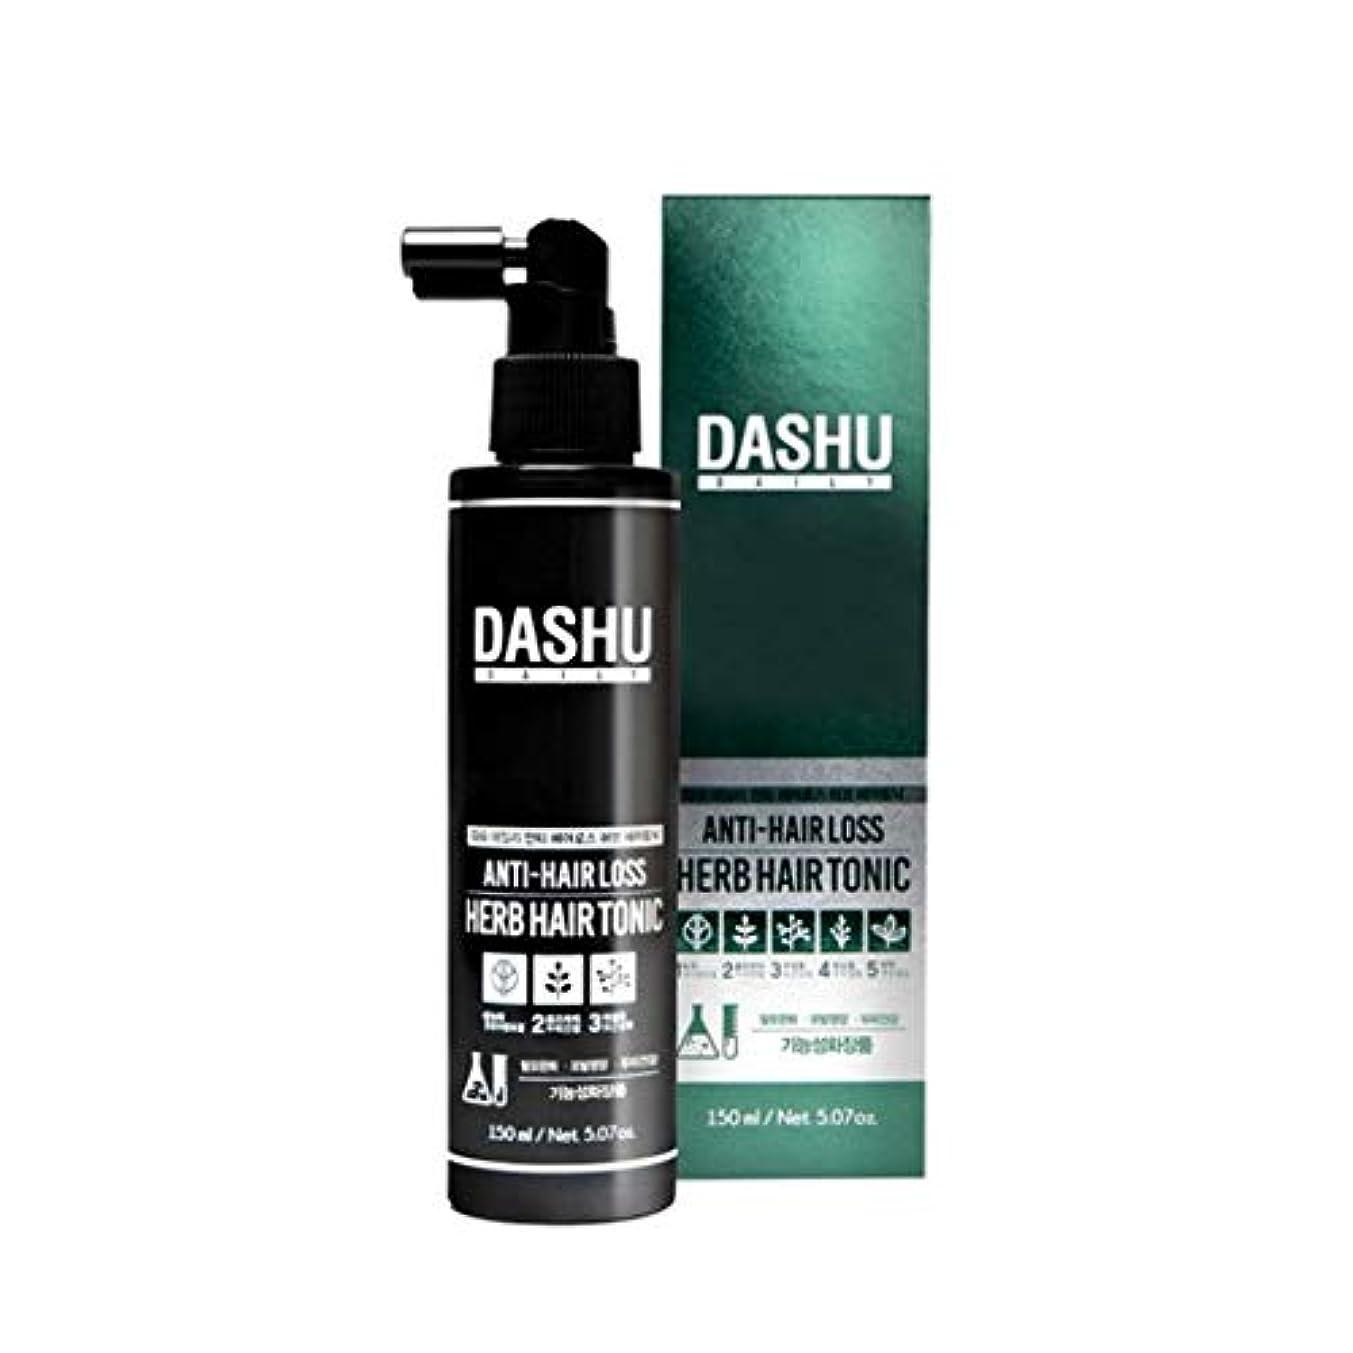 センサーの面ではドアダシュデイリーアンチヘアロスハブヘアトニック150ml韓国コスメ、Dashu Daily Anti-Hair Loss Herb Hair Tonic 150ml Korean Cosmetics {並行輸入品]